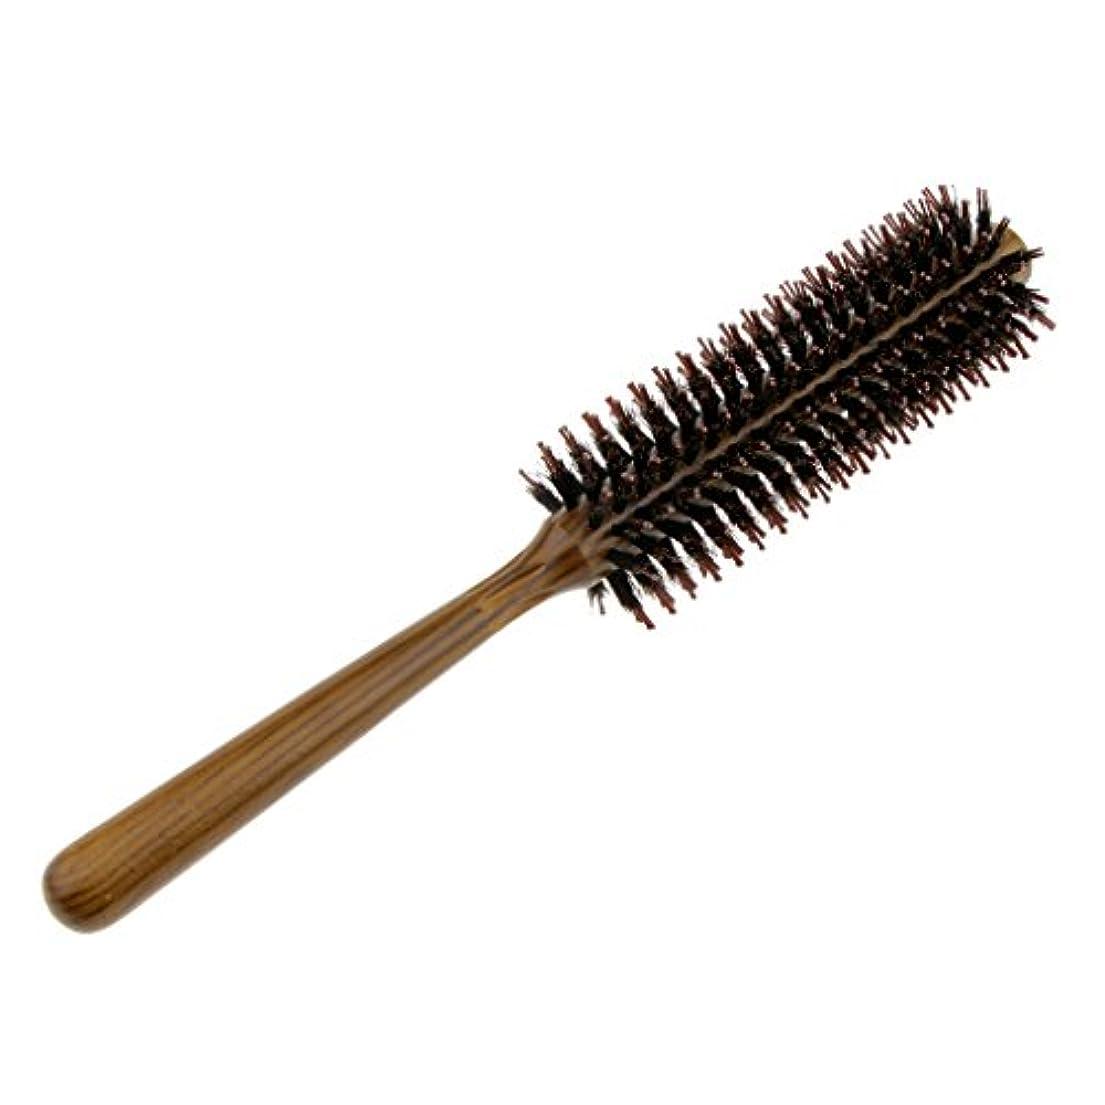 ロールブラシ ヘアブラシ コーム ヘアスタイリング 櫛 くし カール 巻き髪 3サイズ選べる - S